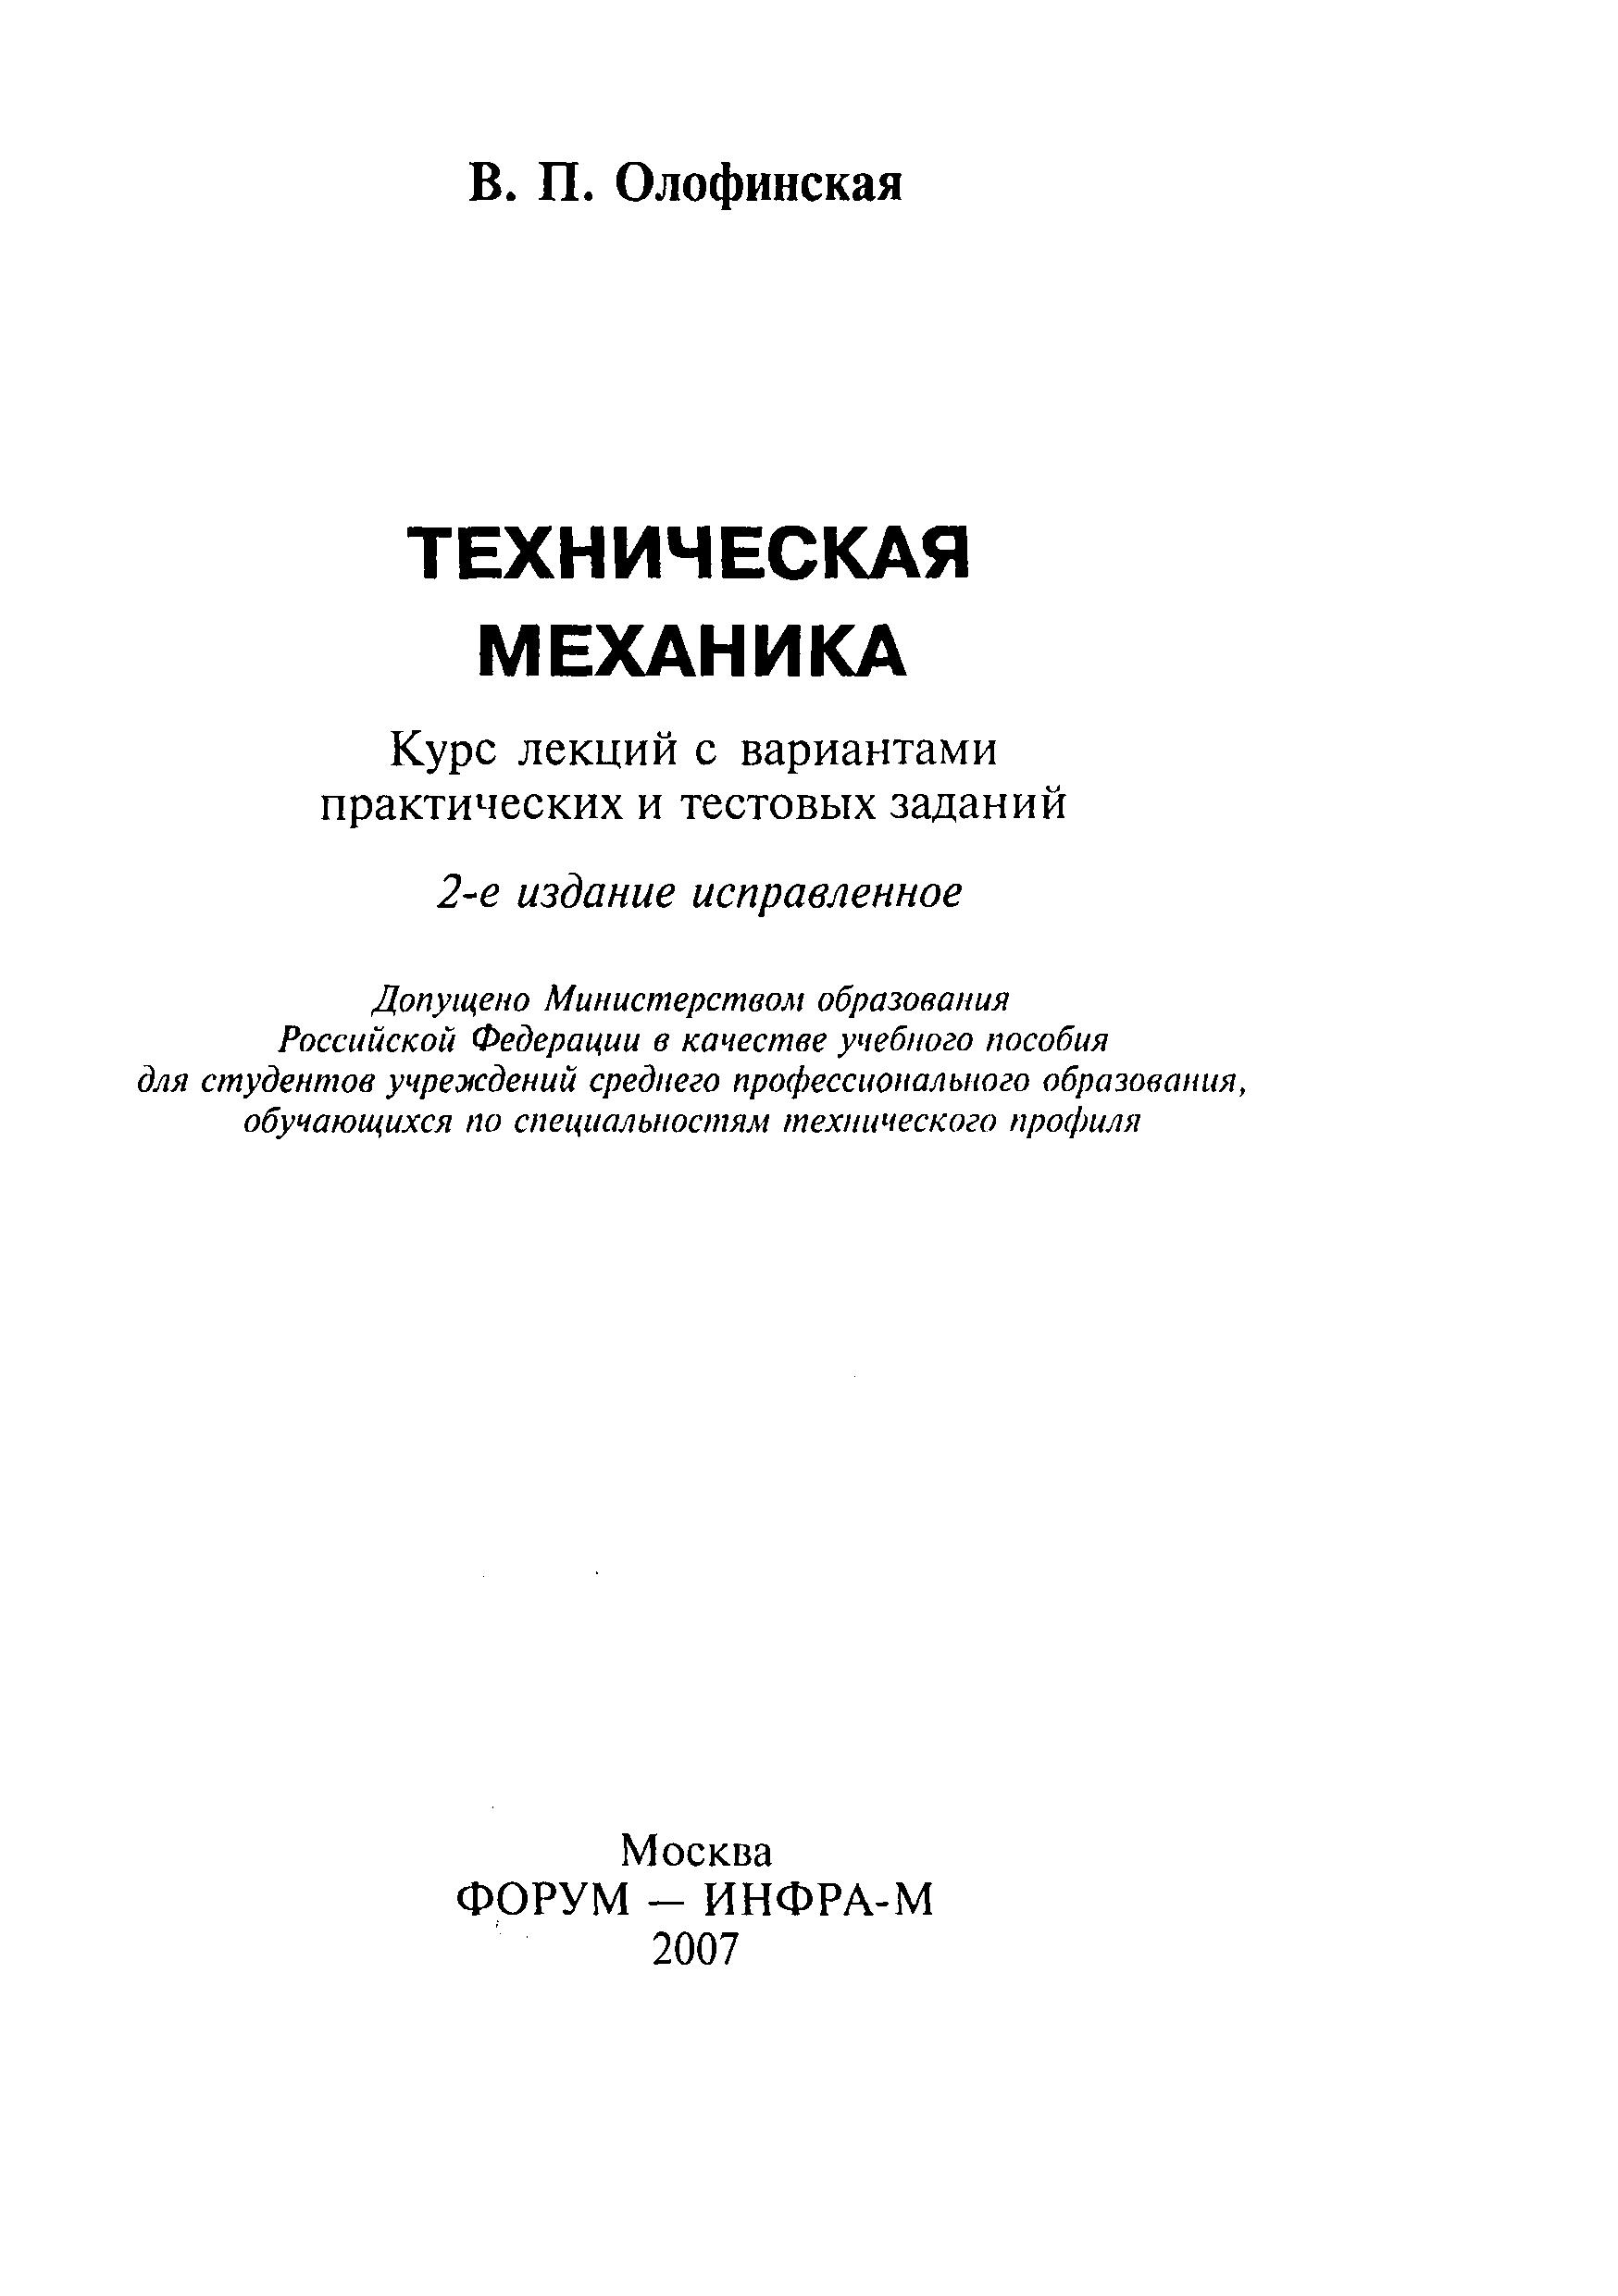 техническая решебник олофинская года издания 2003 механика